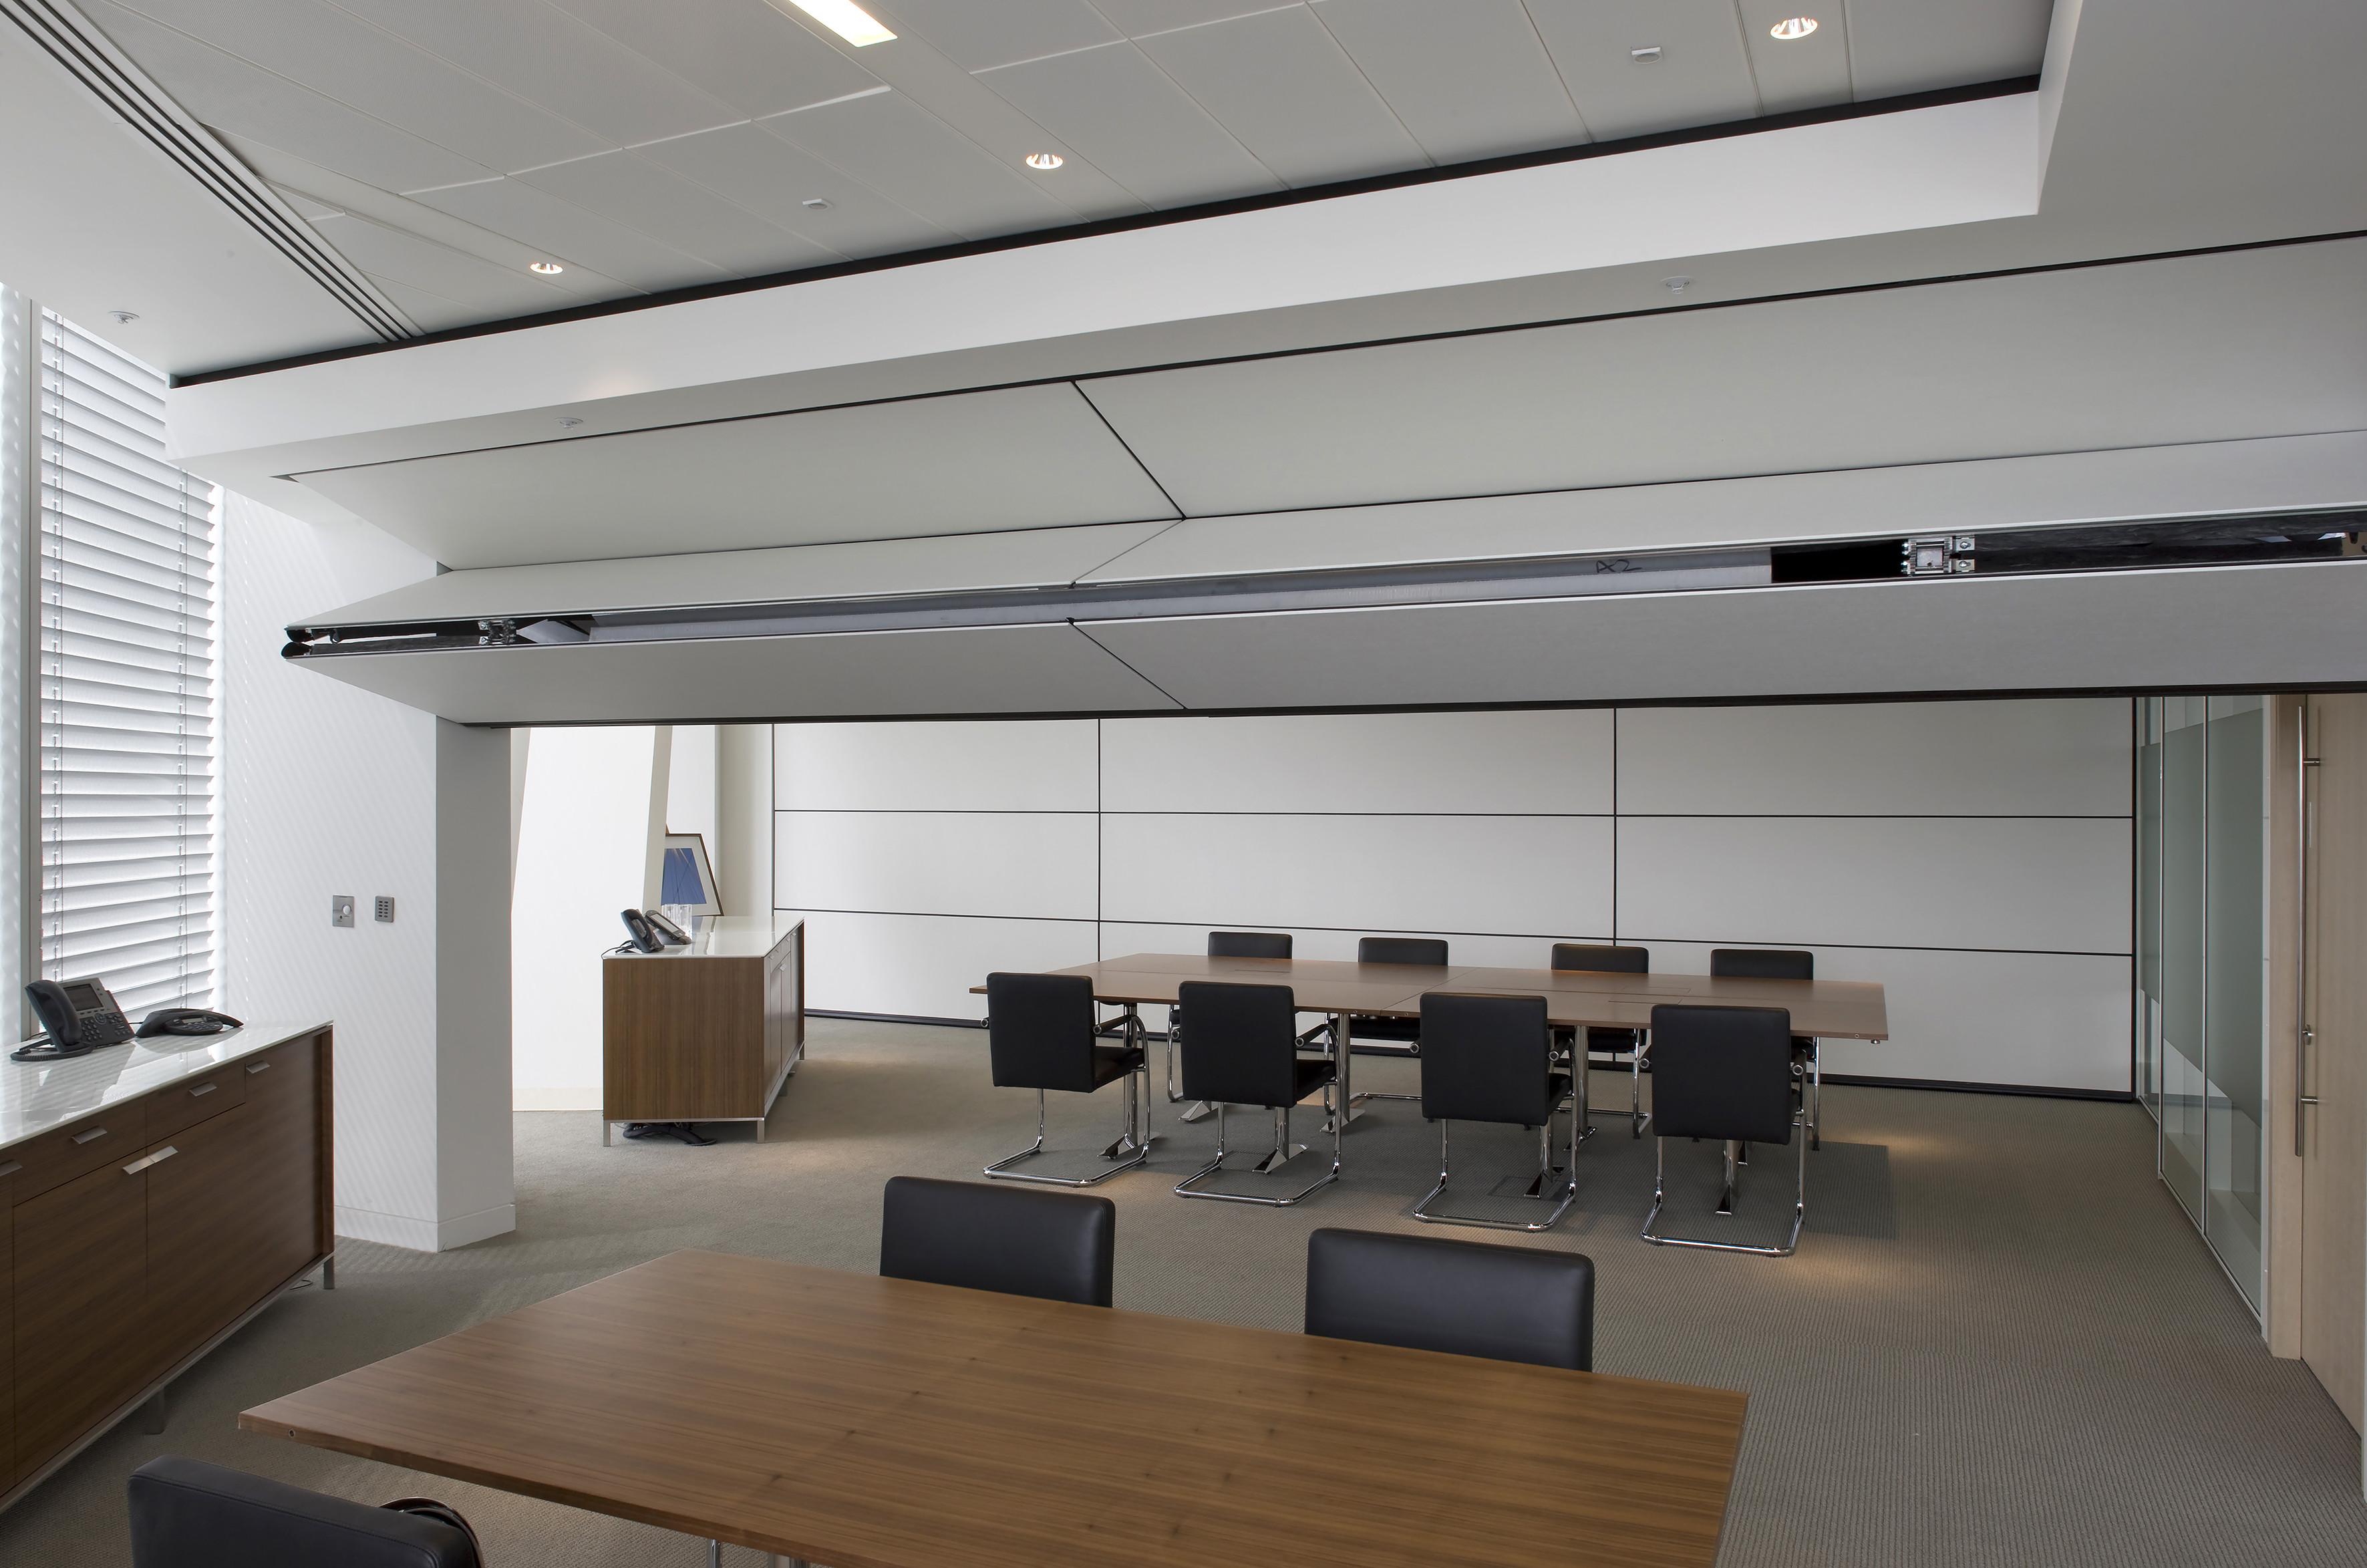 Separare ambienti porte scorrevoli grandi per dividere o - Divisori mobili per ambienti ...